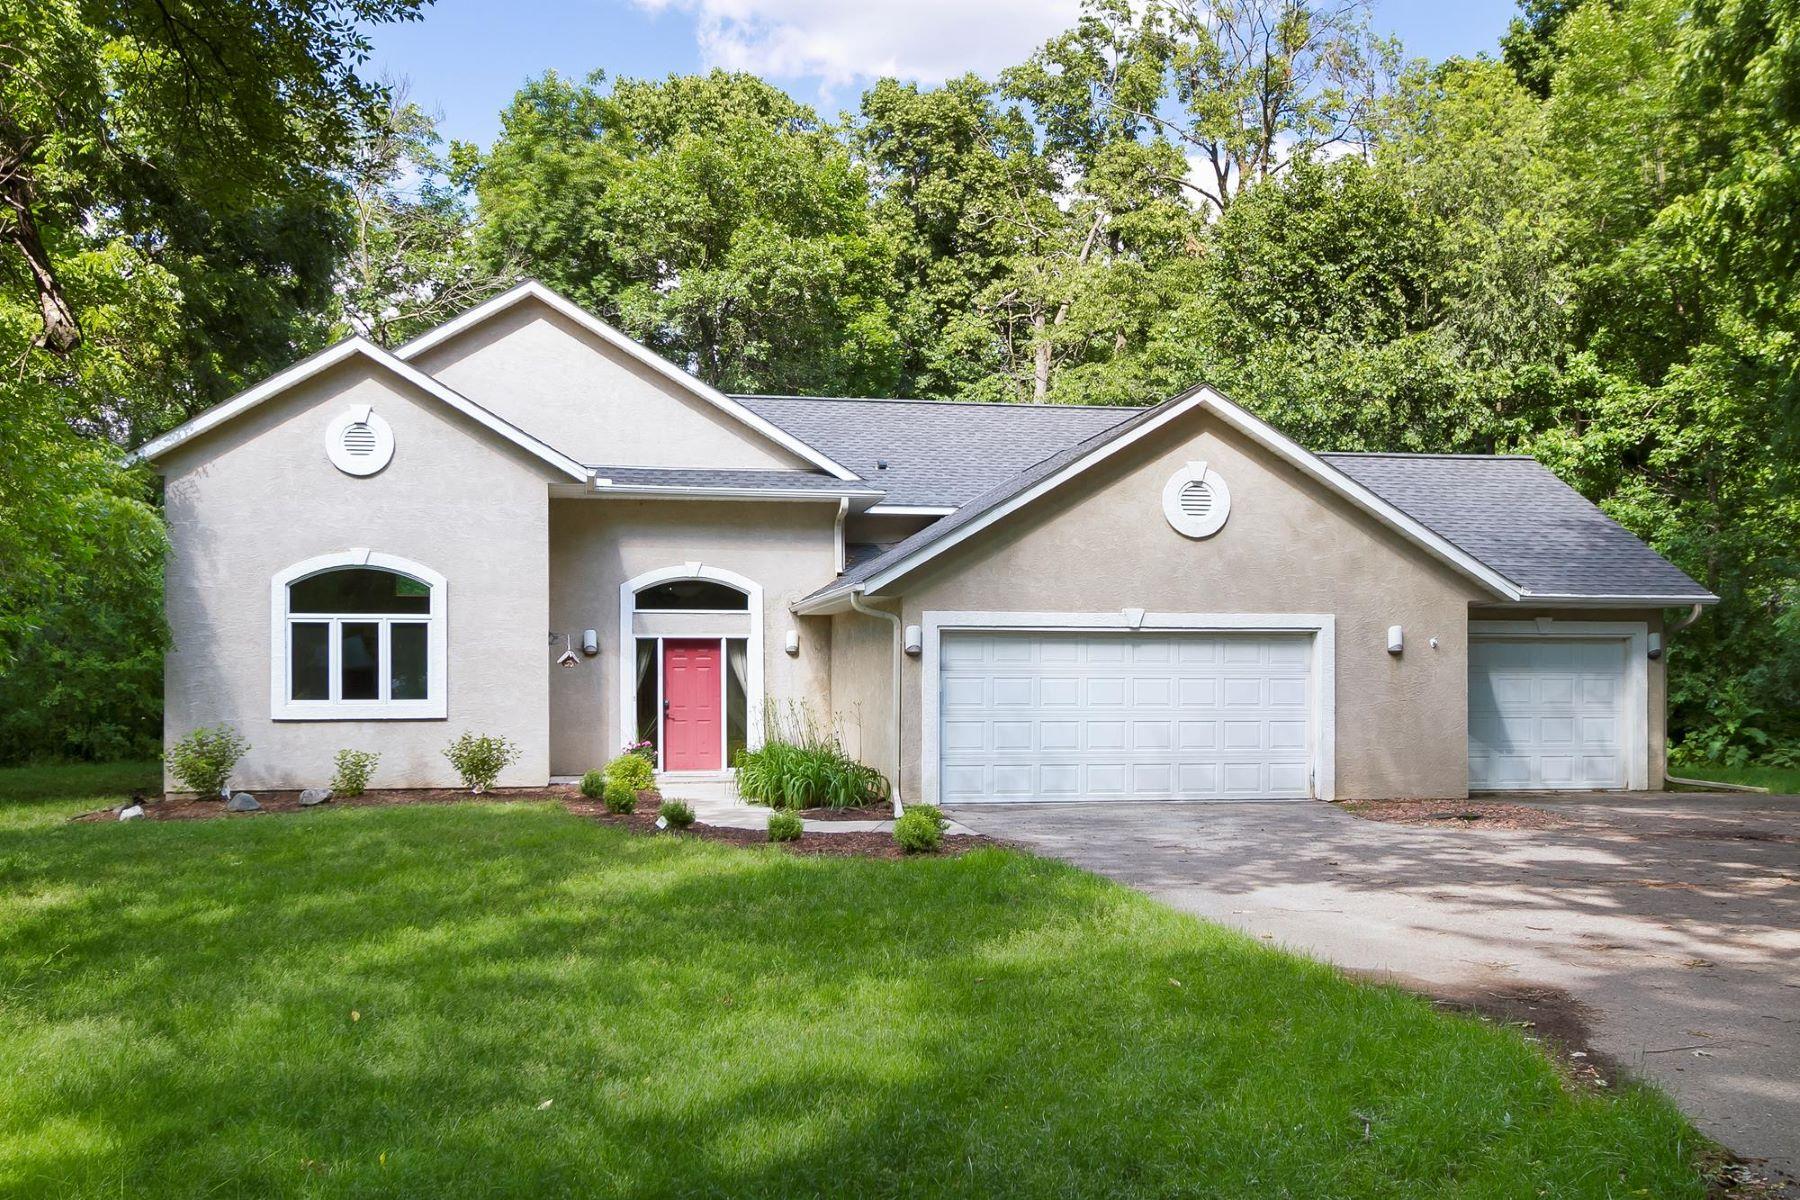 Maison unifamiliale pour l Vente à 13225 Yosemite Avenue S Savage, Minnesota, 55378 États-Unis